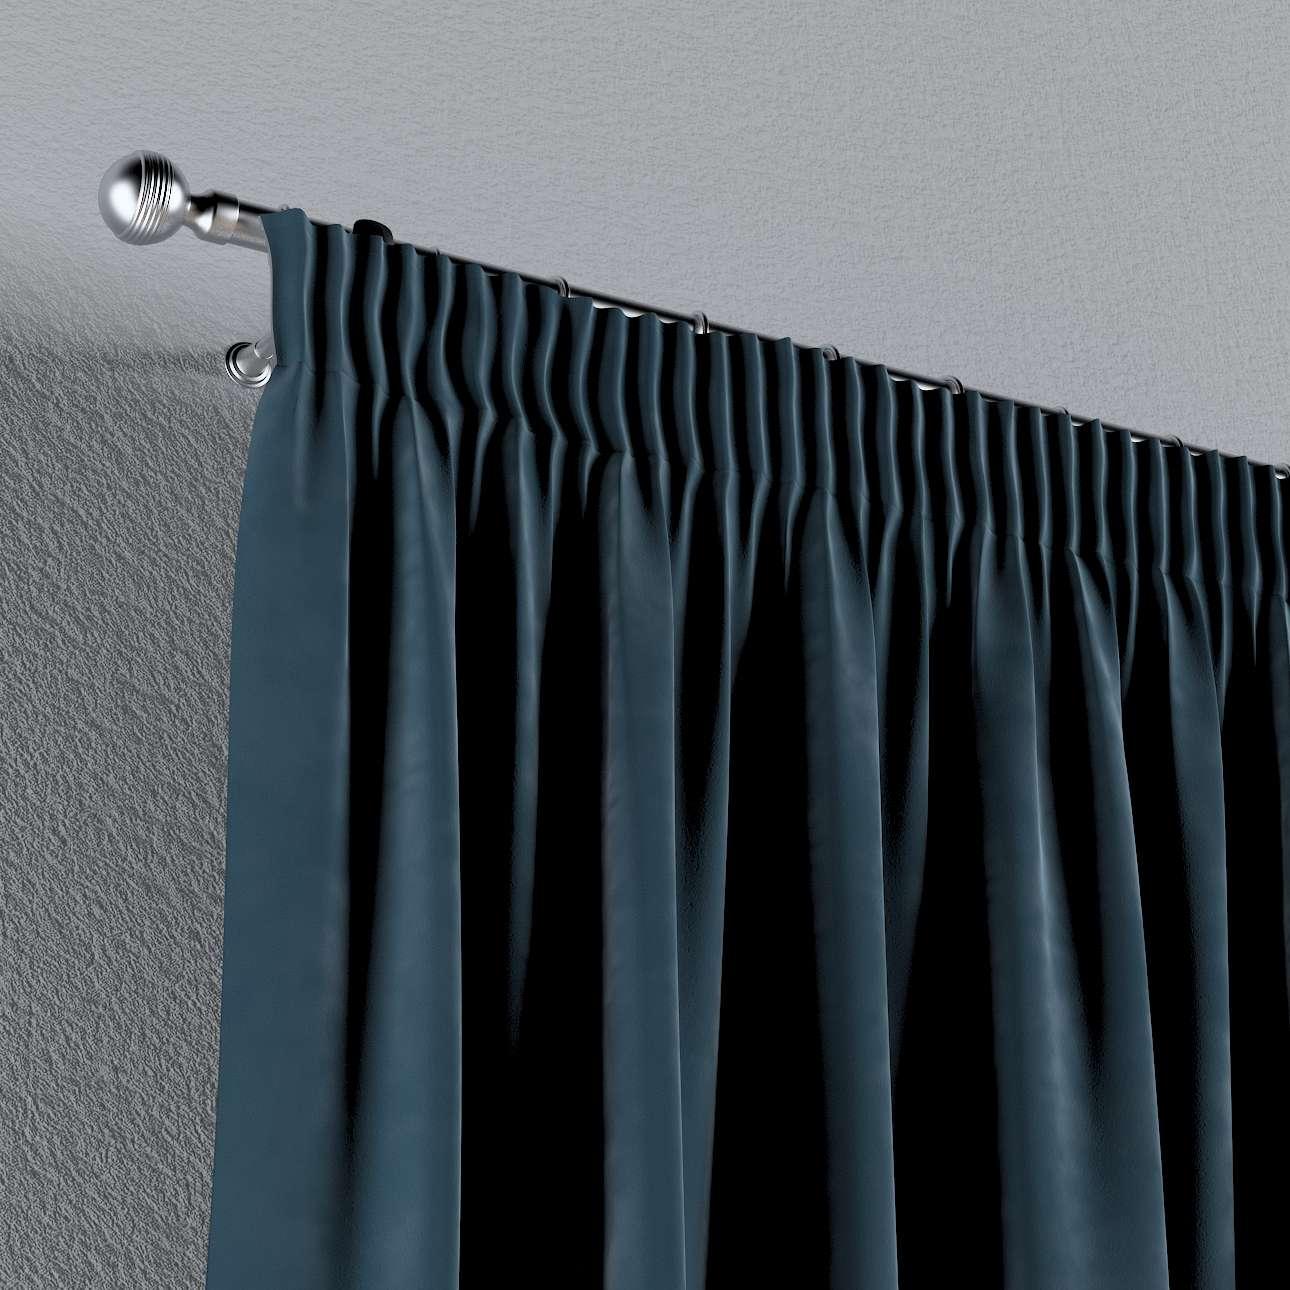 Vorhang mit Kräuselband von der Kollektion Velvet, Stoff: 704-16